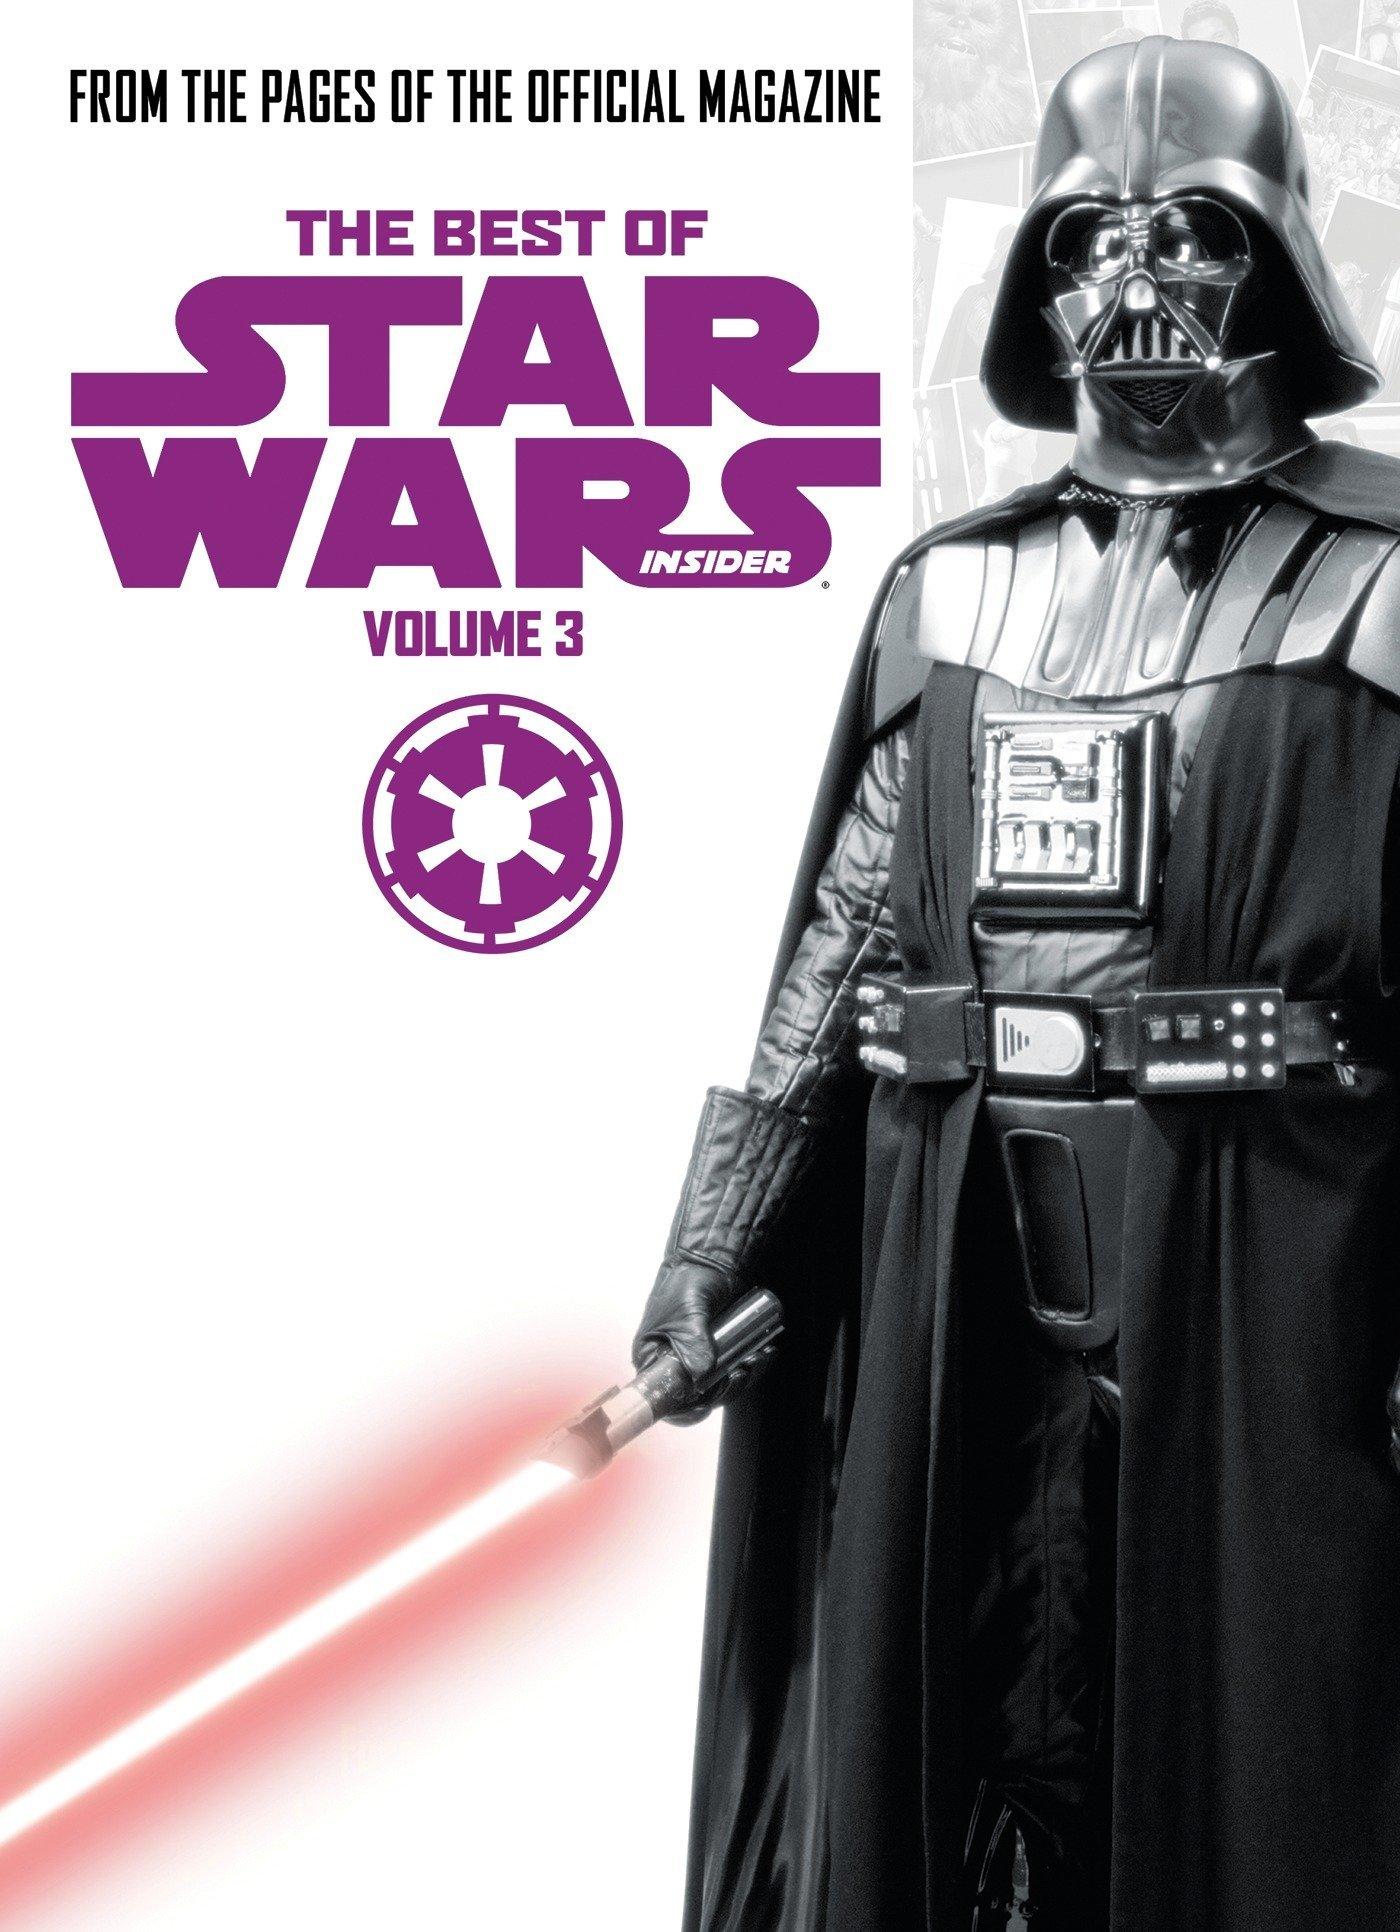 Best of Star Wars Insider: Volume 3 (The Best of Star Wars Insider)